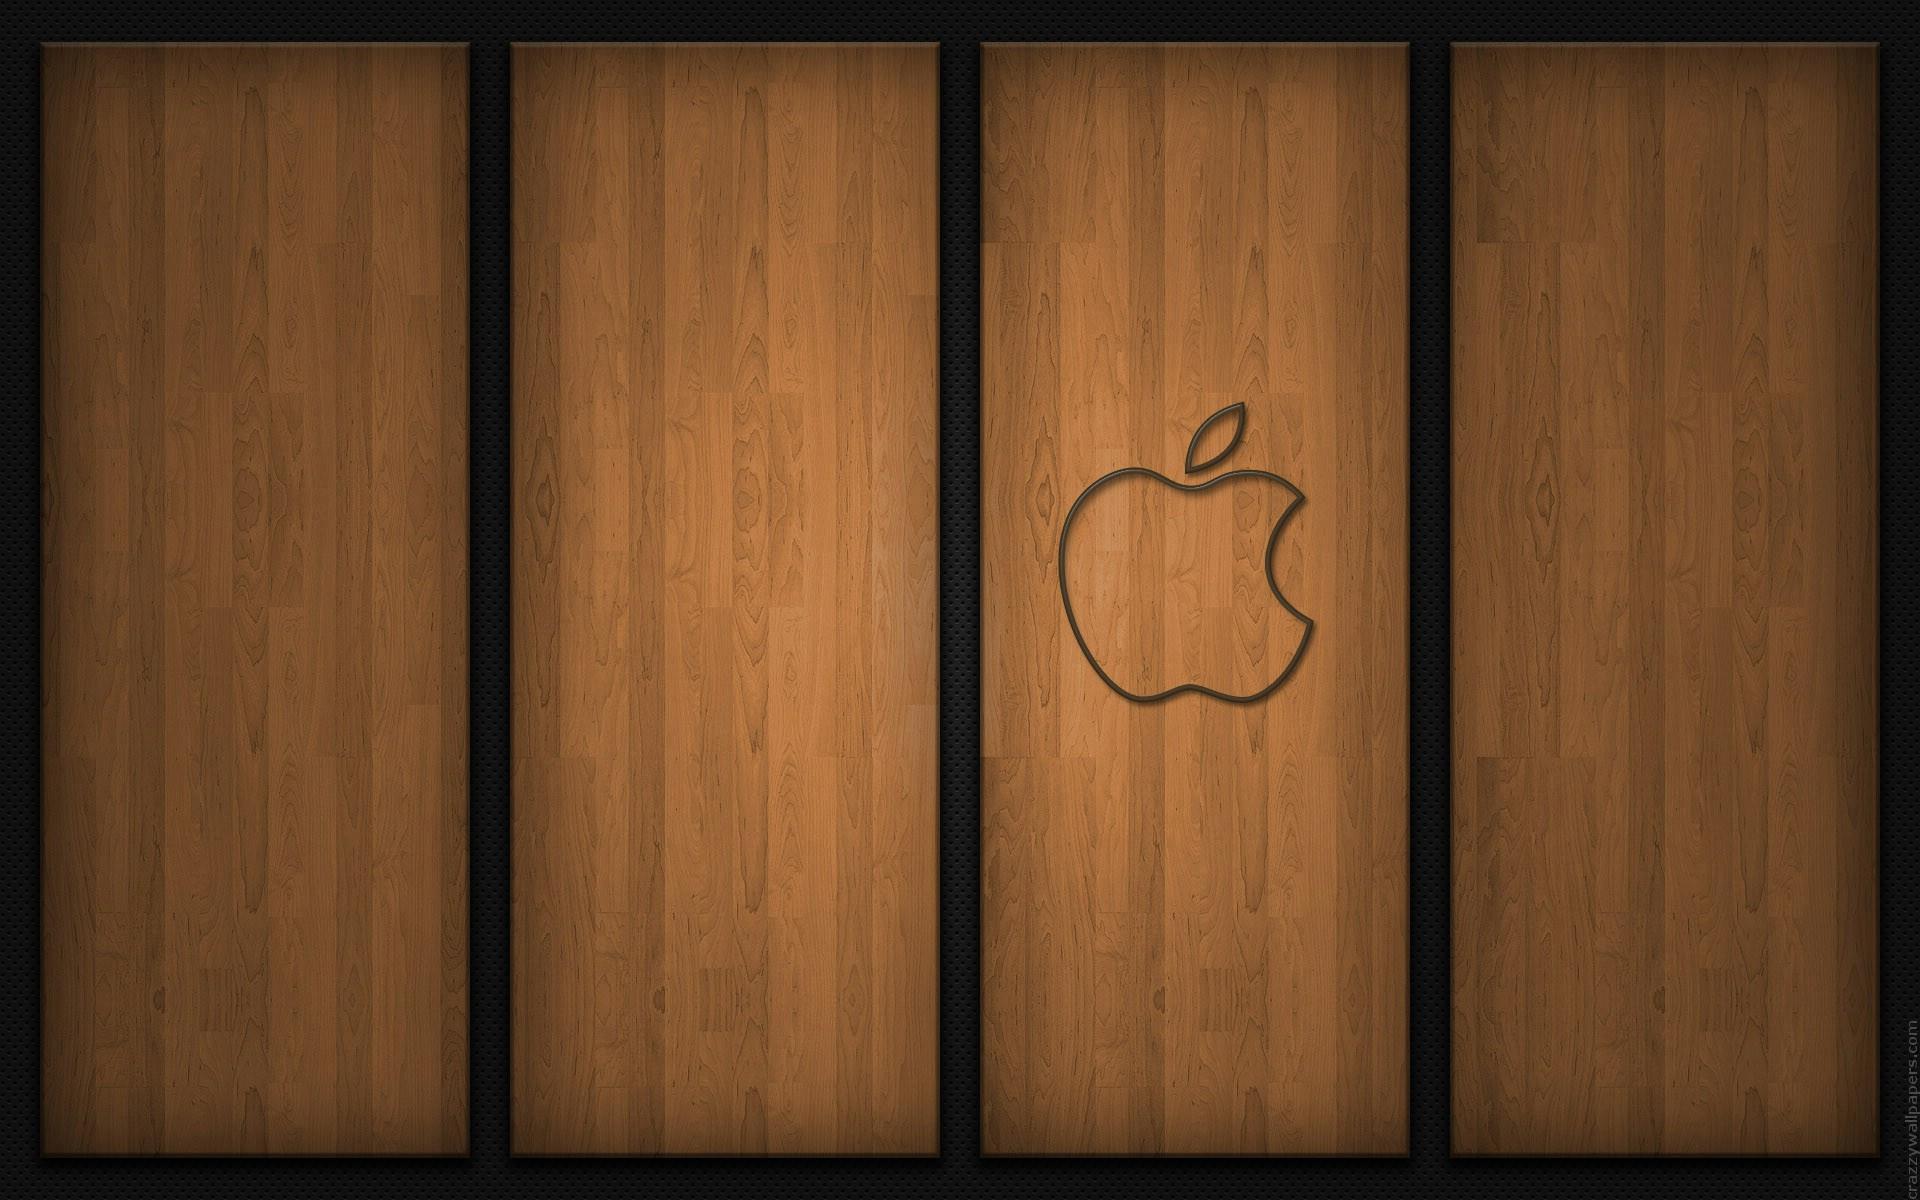 telechargement-gratuit-de-fond-ecran-apple_03